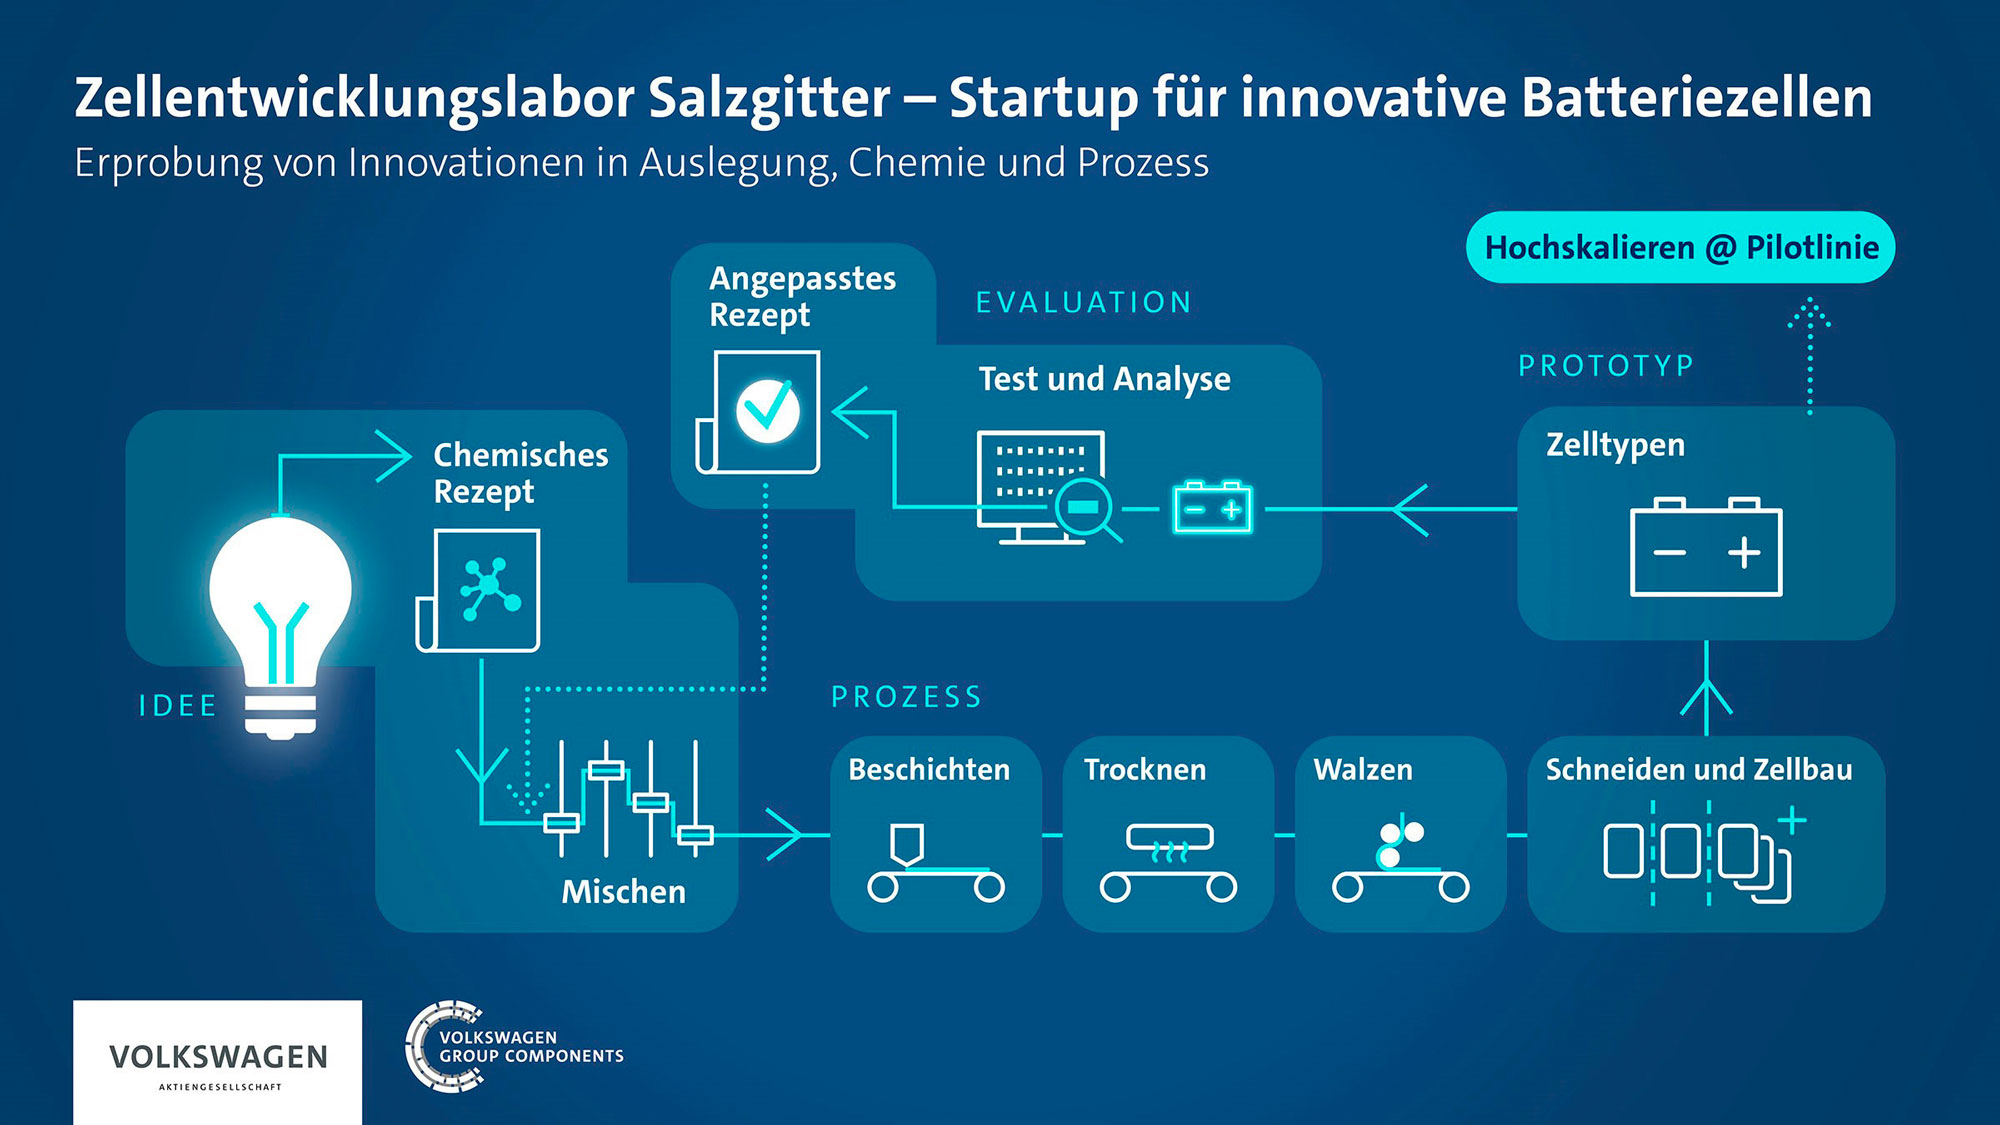 VW-Zellentwicklungslabor-Salzgitter-2